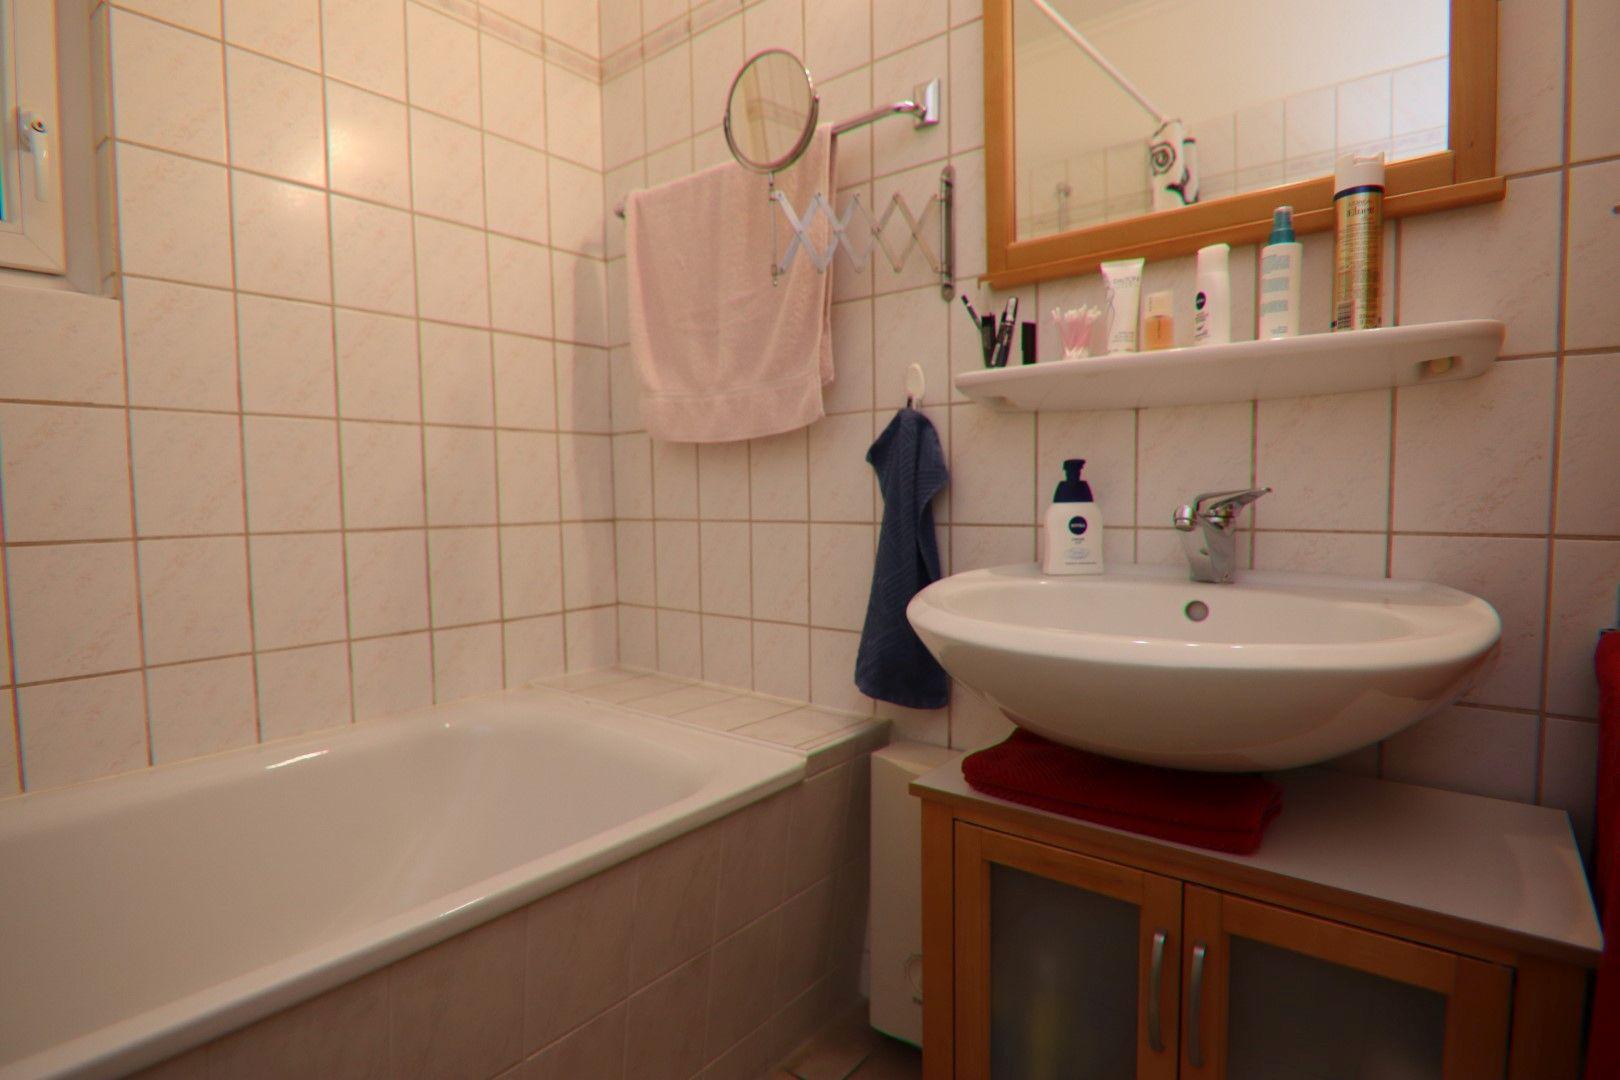 Immobilie Nr.0281 - Freistehendes EFH mit Vollkeller, Wintergarten u. Garage  - Bild 12.jpg